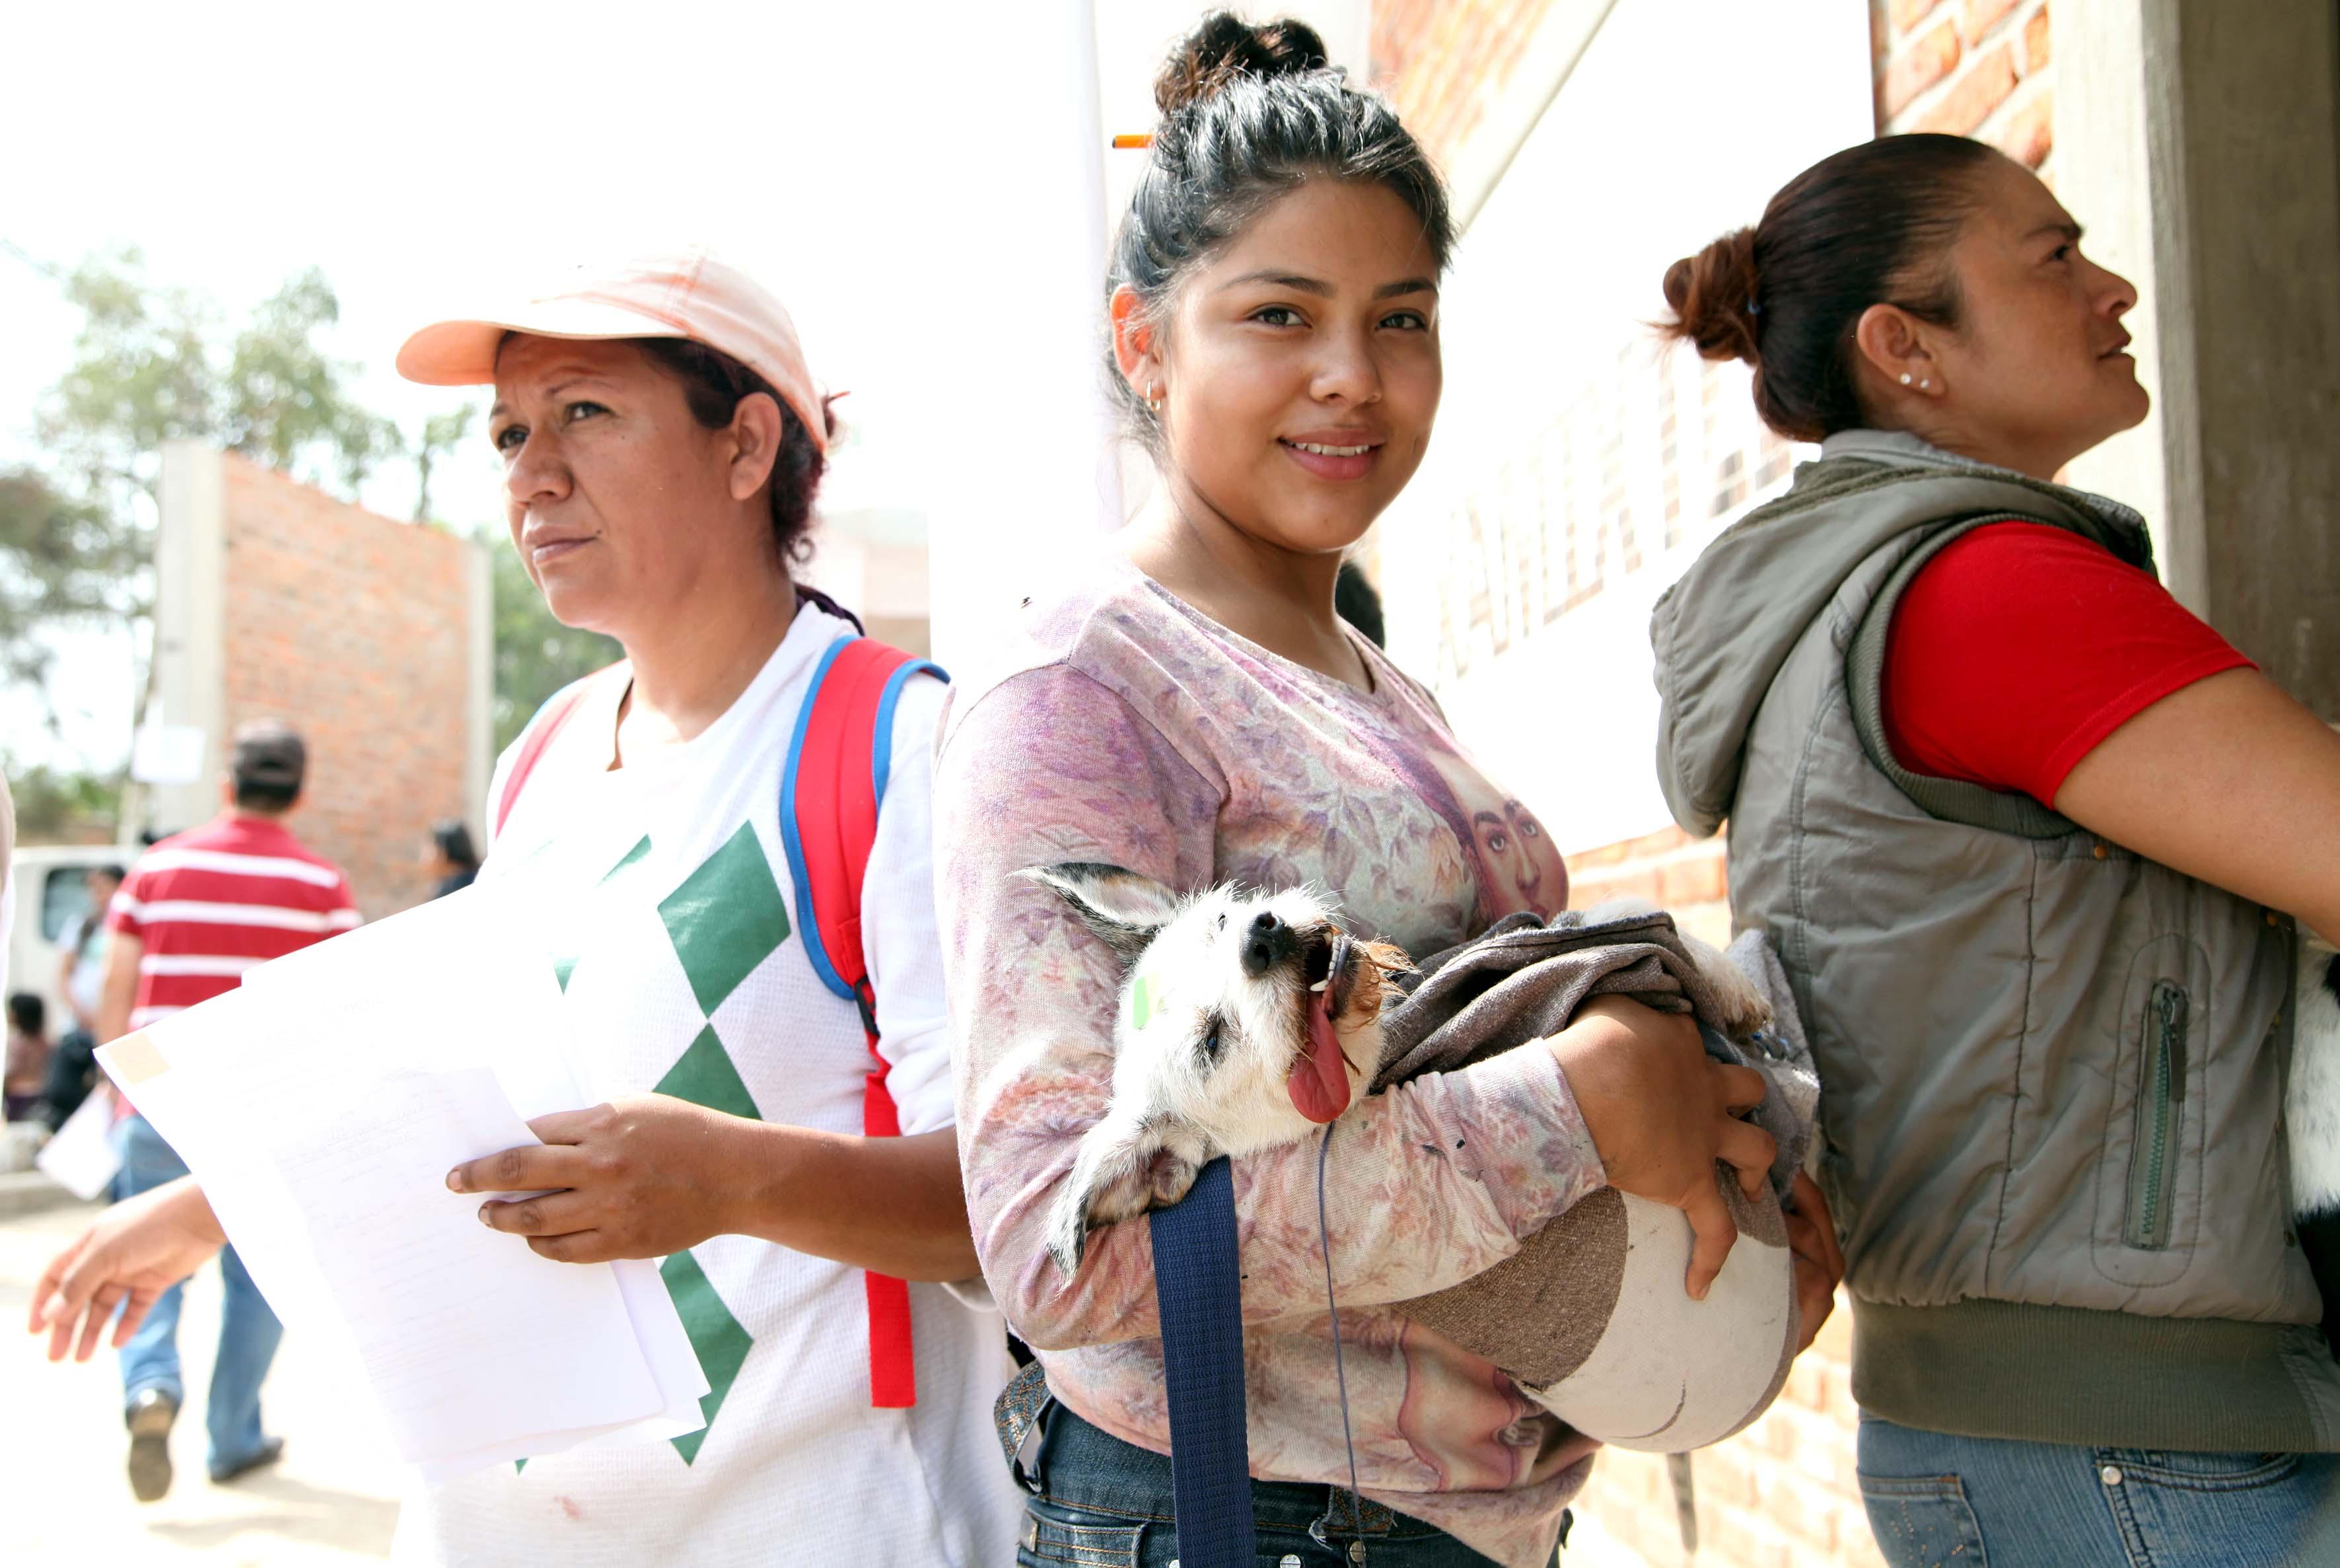 Mujer cargando a su mascota despues de ser esterelizada